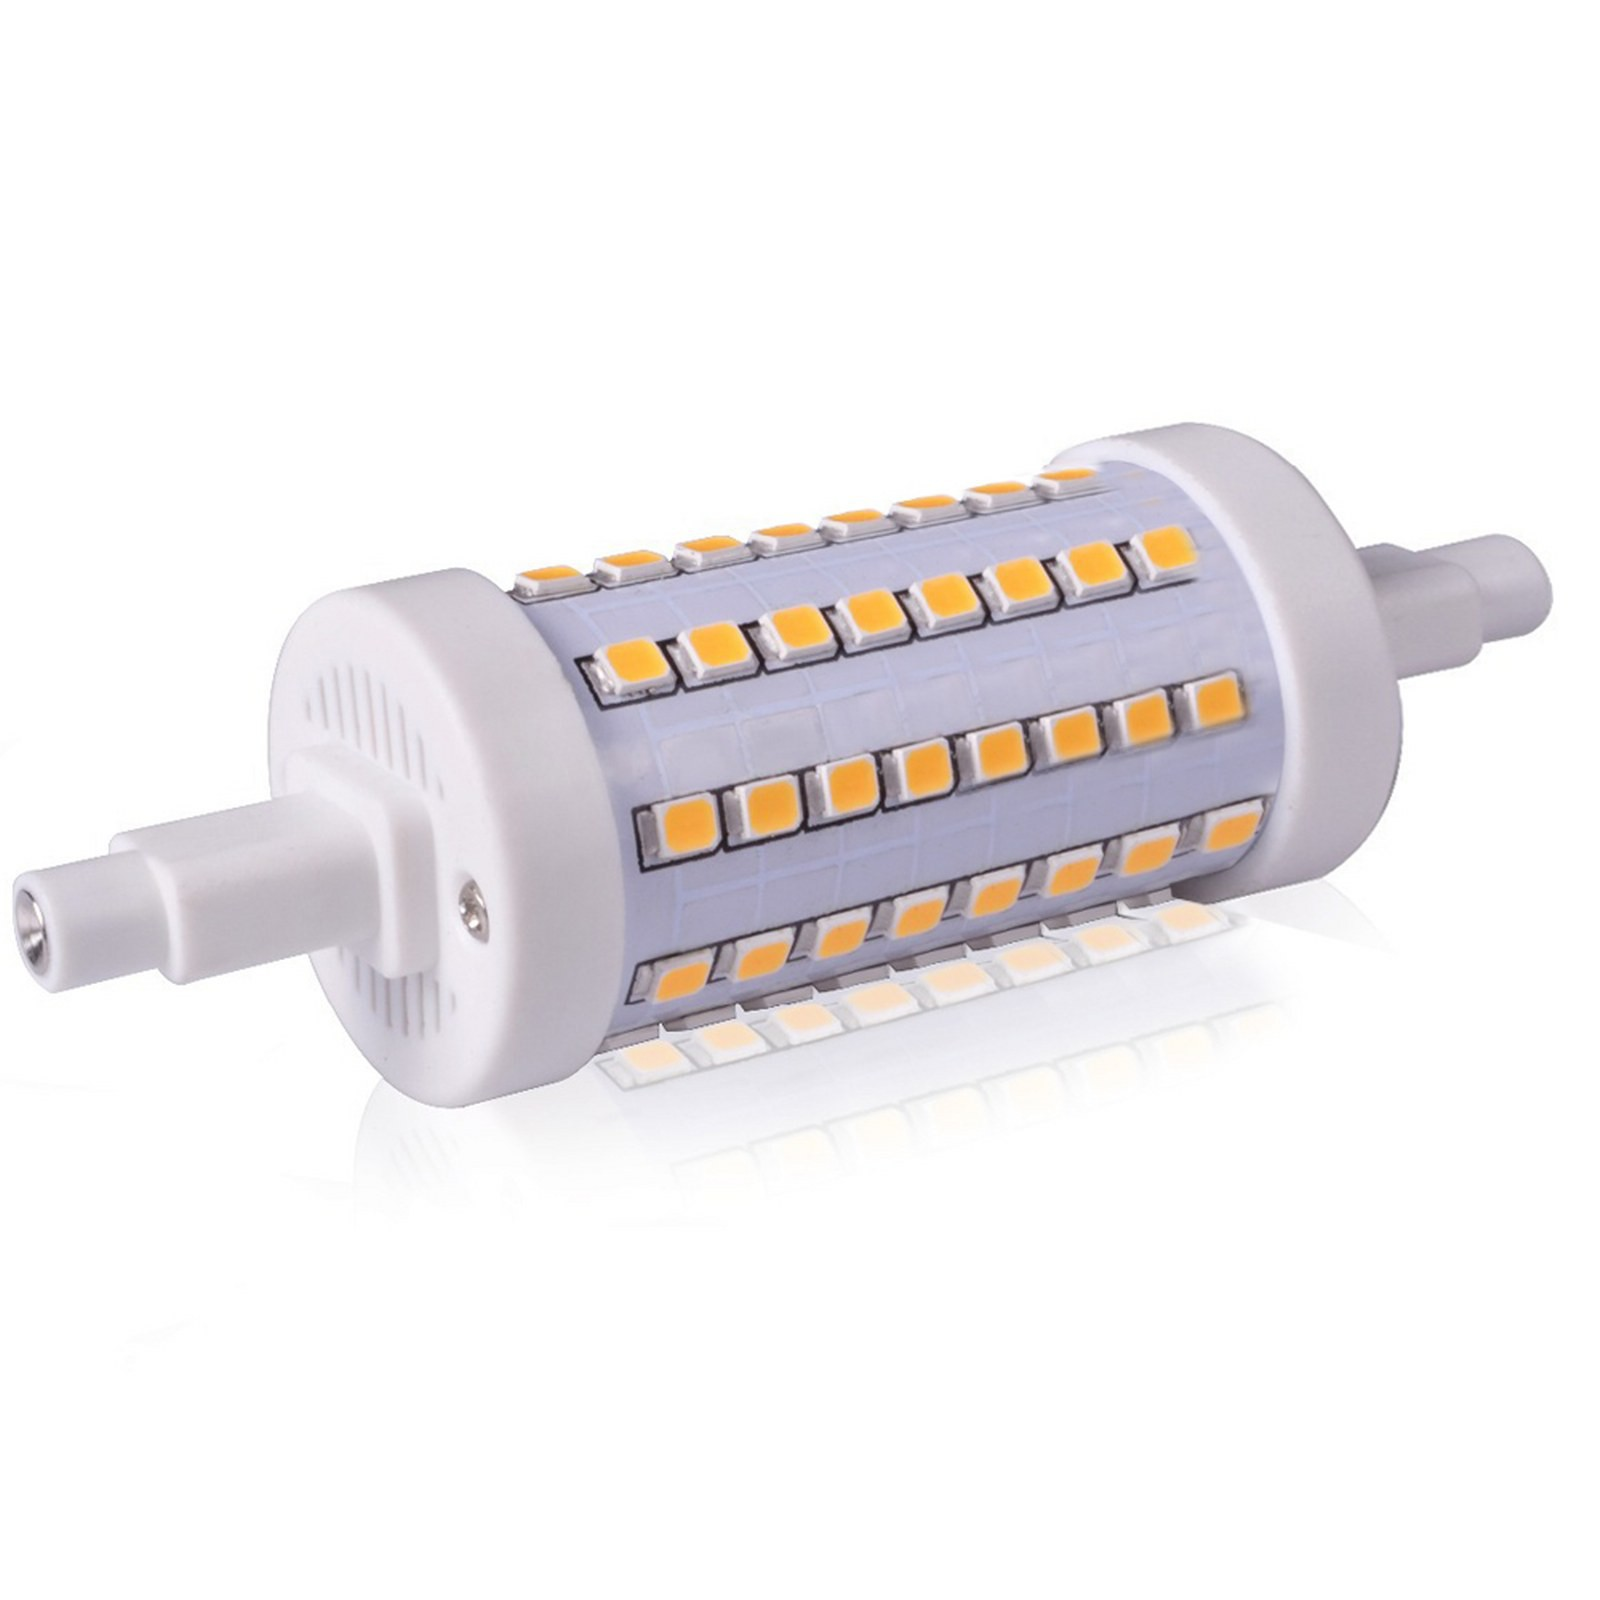 Lampada lampadina faro faretto r7s led life luce bianca for Lampade a led e 27